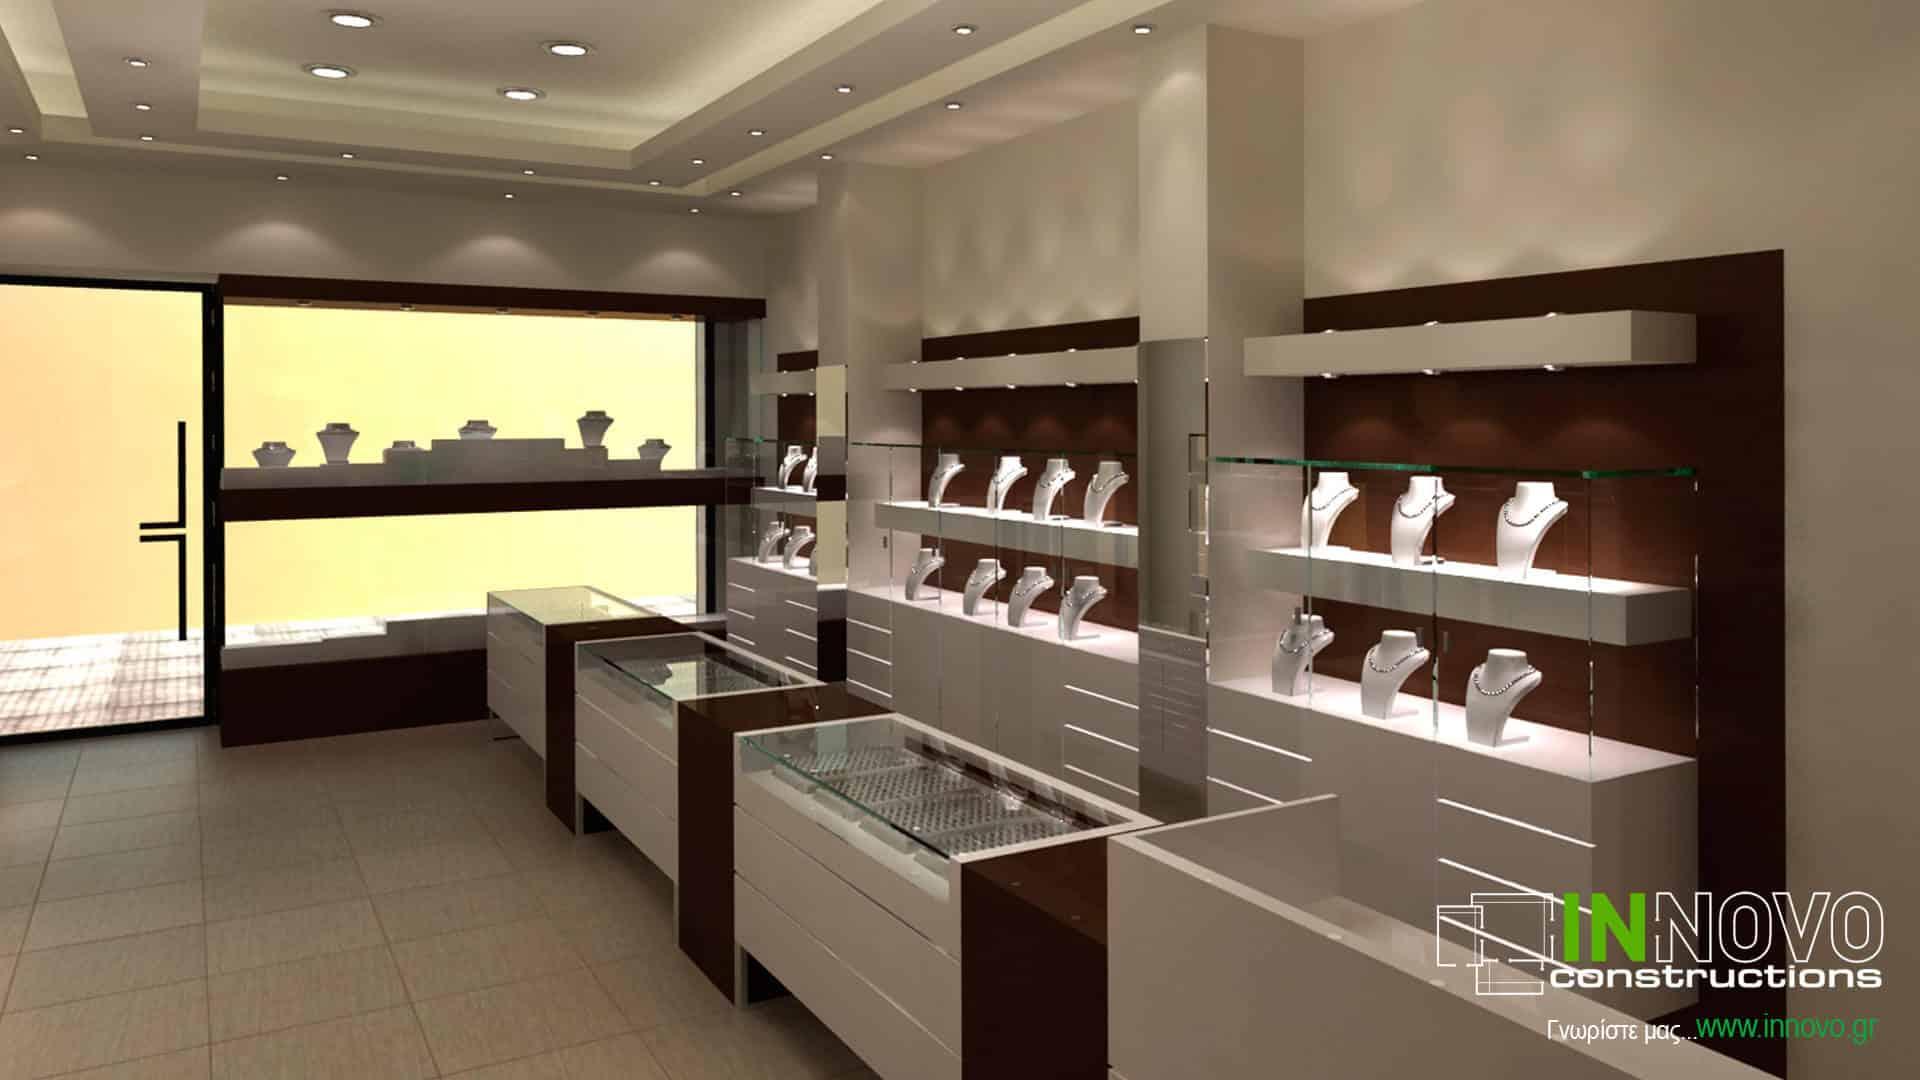 diakosmisi-kosmimatopoleiou-jewelry-design-kosmimatopoleio-lefkada-1187-13